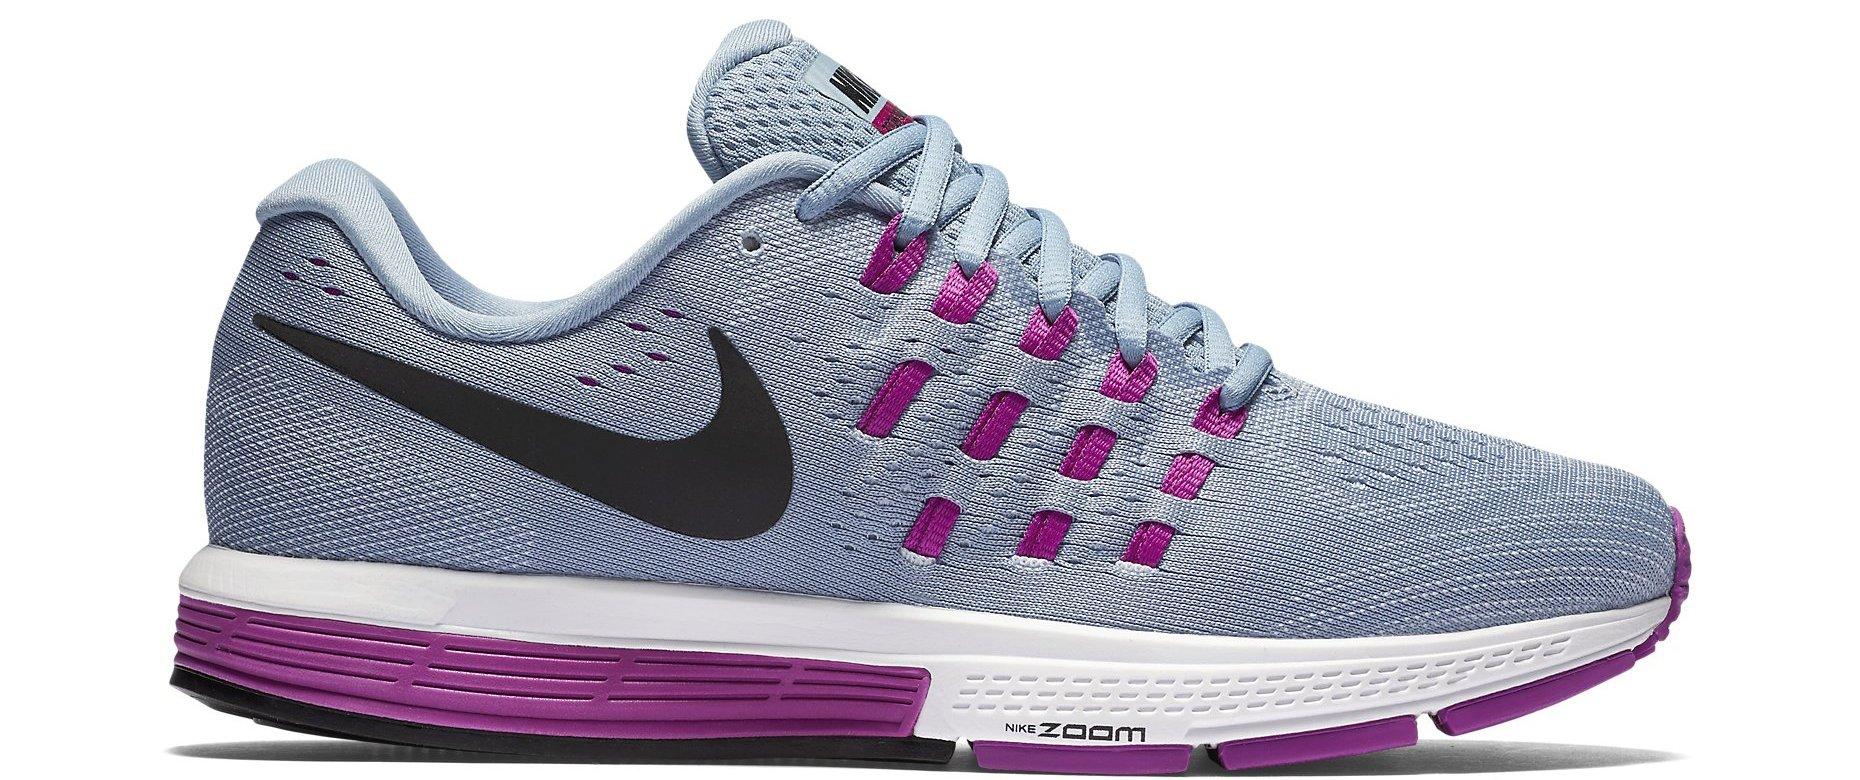 Běžecká obuv Nike Air Zoom Vomero 11